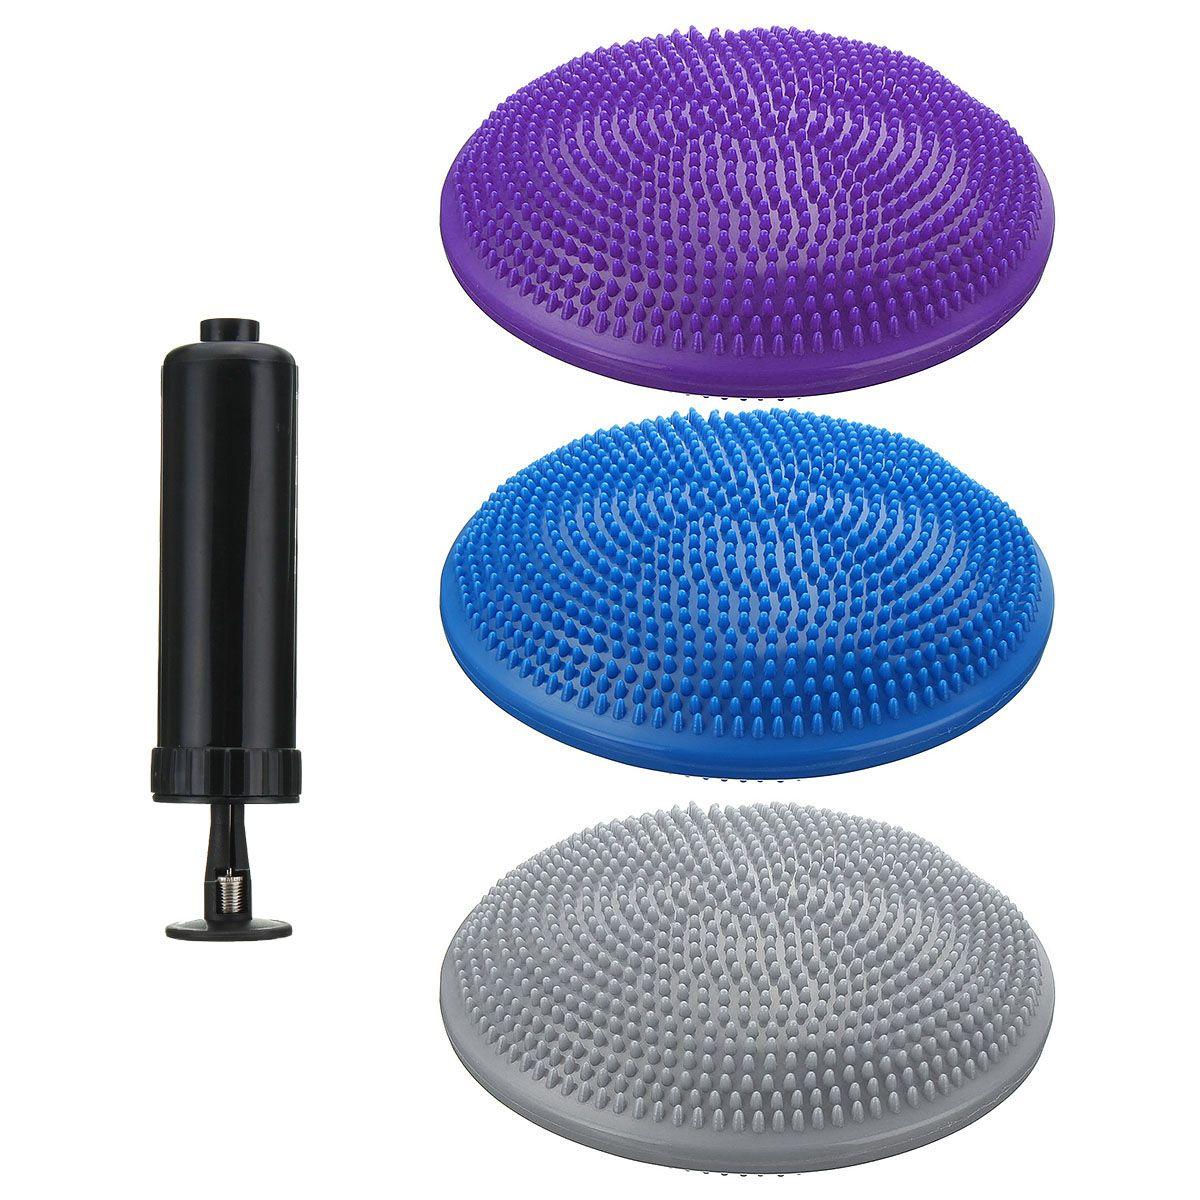 33x33 см надувной Массажный мяч для йоги, массажная подушка, коврик, прочный Универсальный спортивный тренажерный зал, фитнес, йога, воблер, ст...